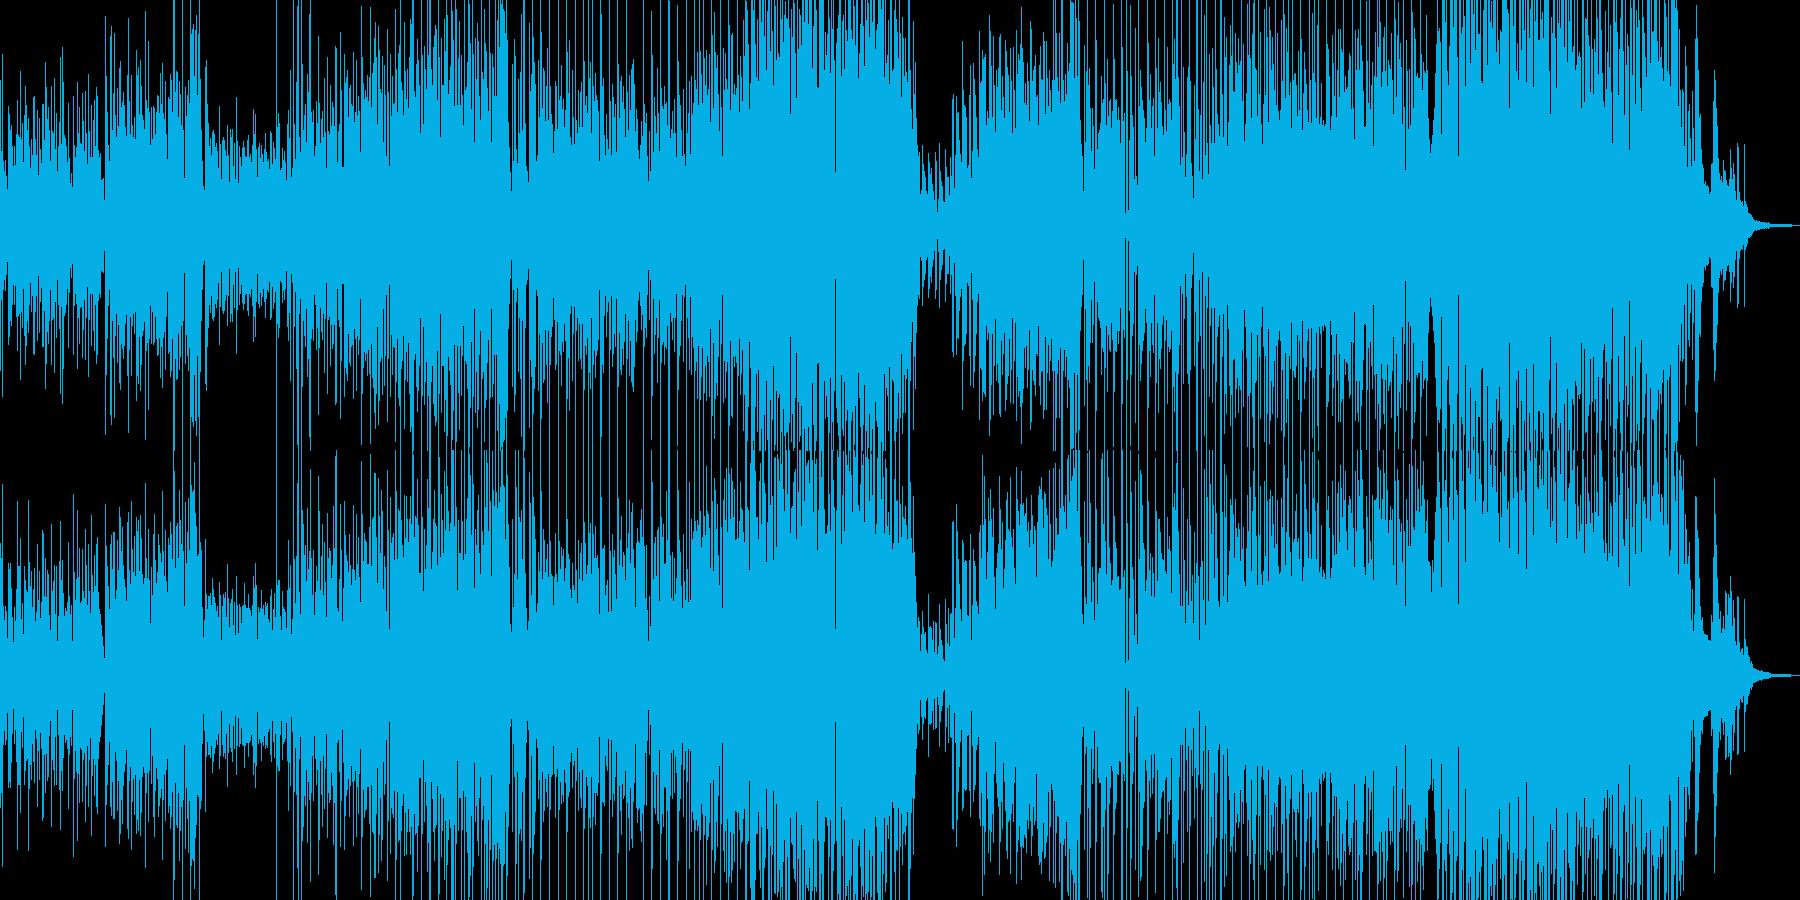 手風琴とギター・寛げる可憐なジャズ Bの再生済みの波形